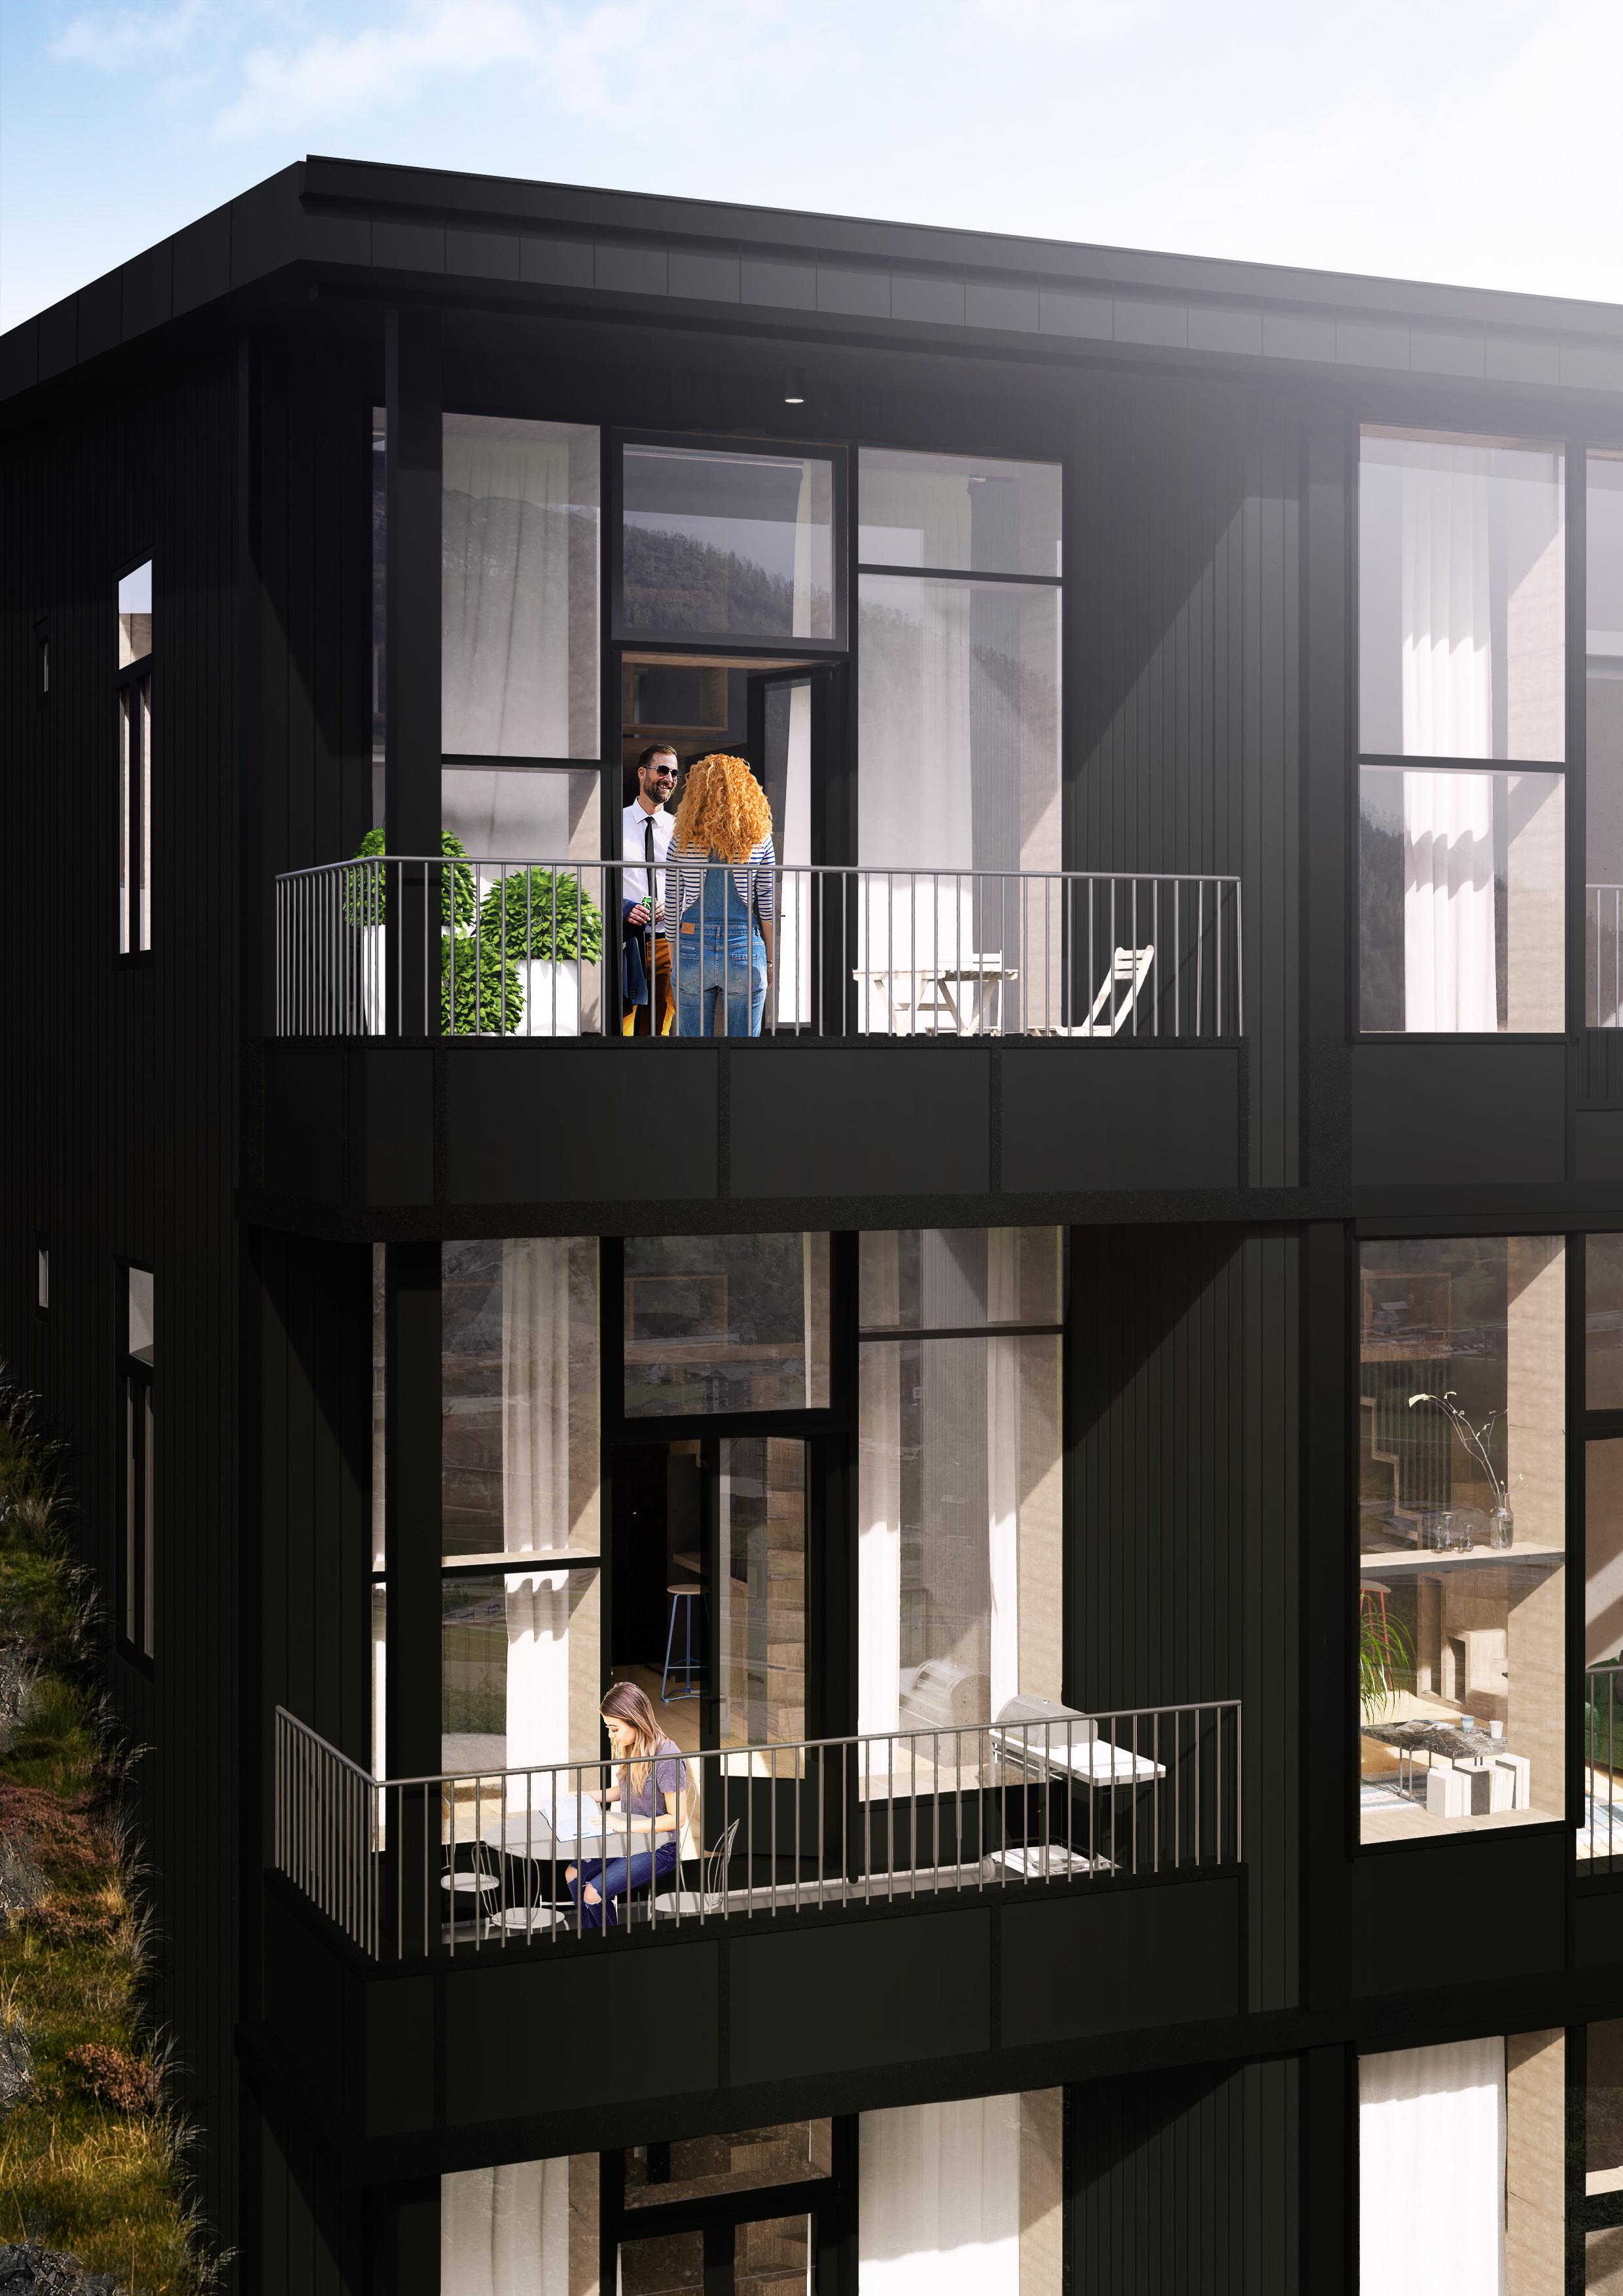 Uteliv - Dei seks endeleilegheitene har, gode, solrike balkongar. Midtleilegheitene har fransk balkong med doble dører slik at ein også der kan nyte sola, utsikta og elva som renn forbi.